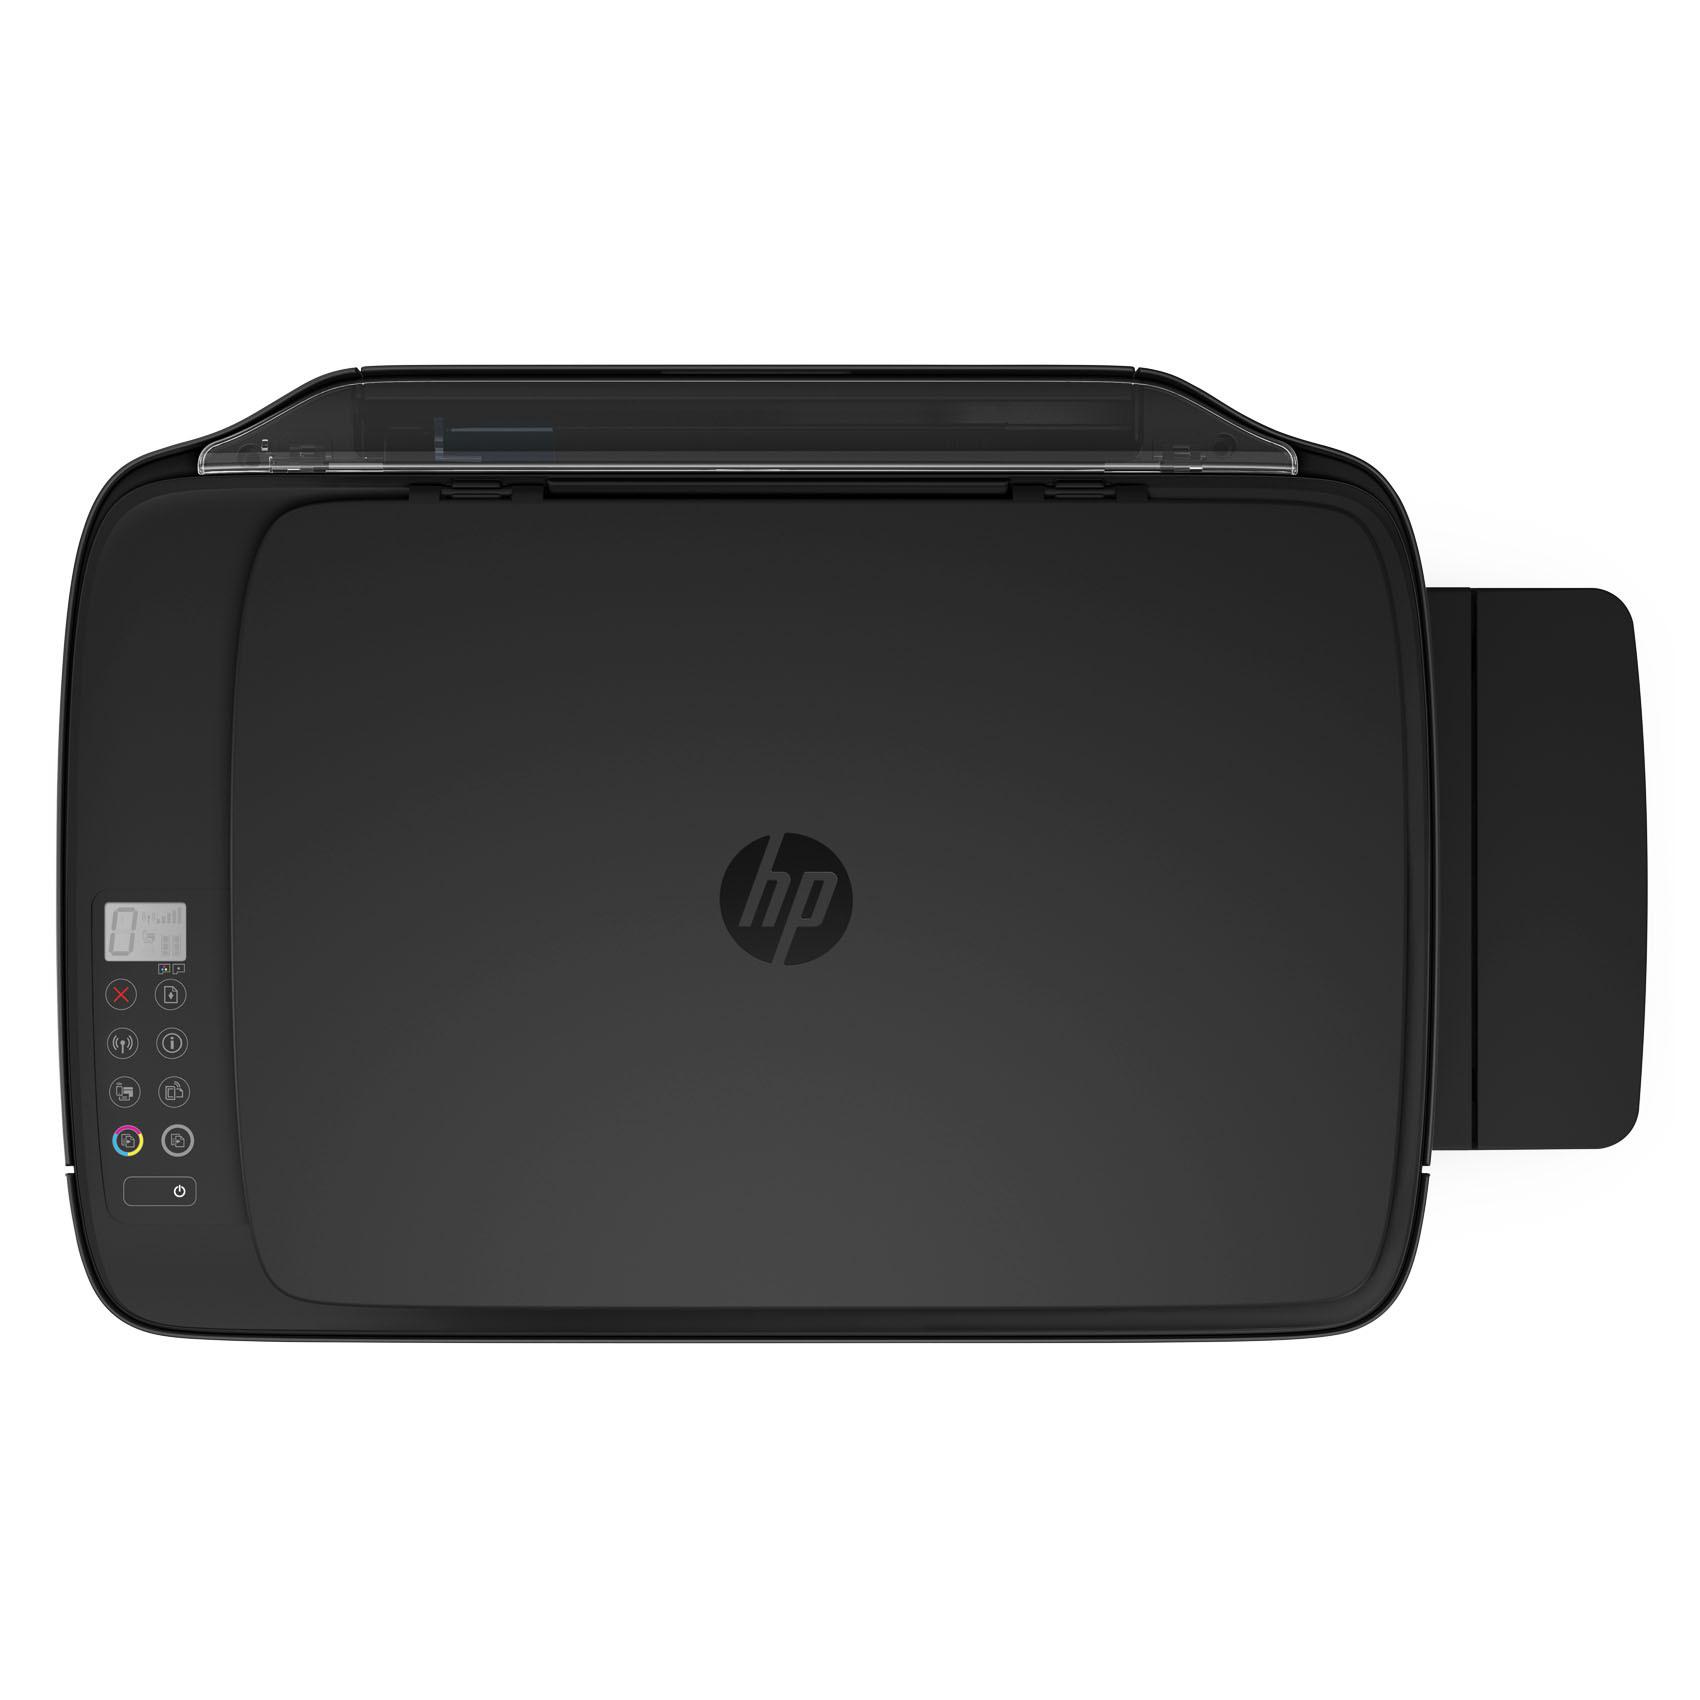 HP PRINT AIO WIFI GT 5820 DESKJET